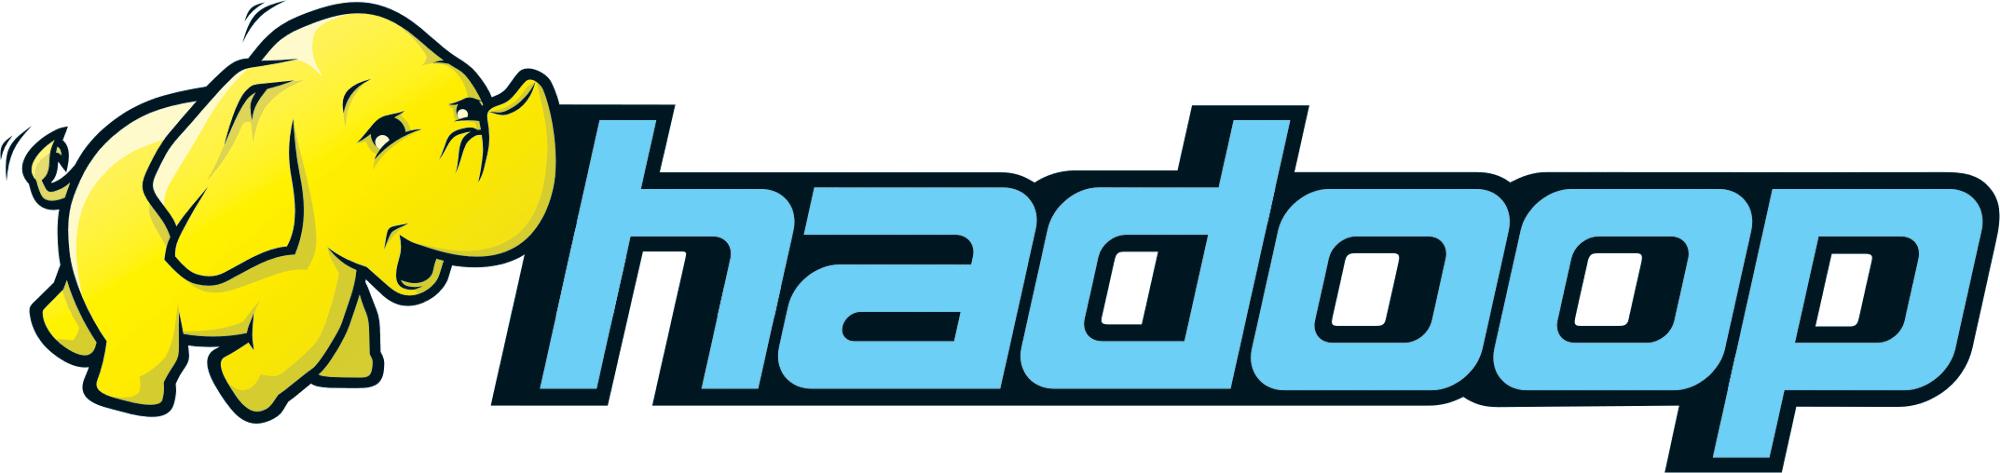 Курсы Hadoop для уверенной работы с большими данными